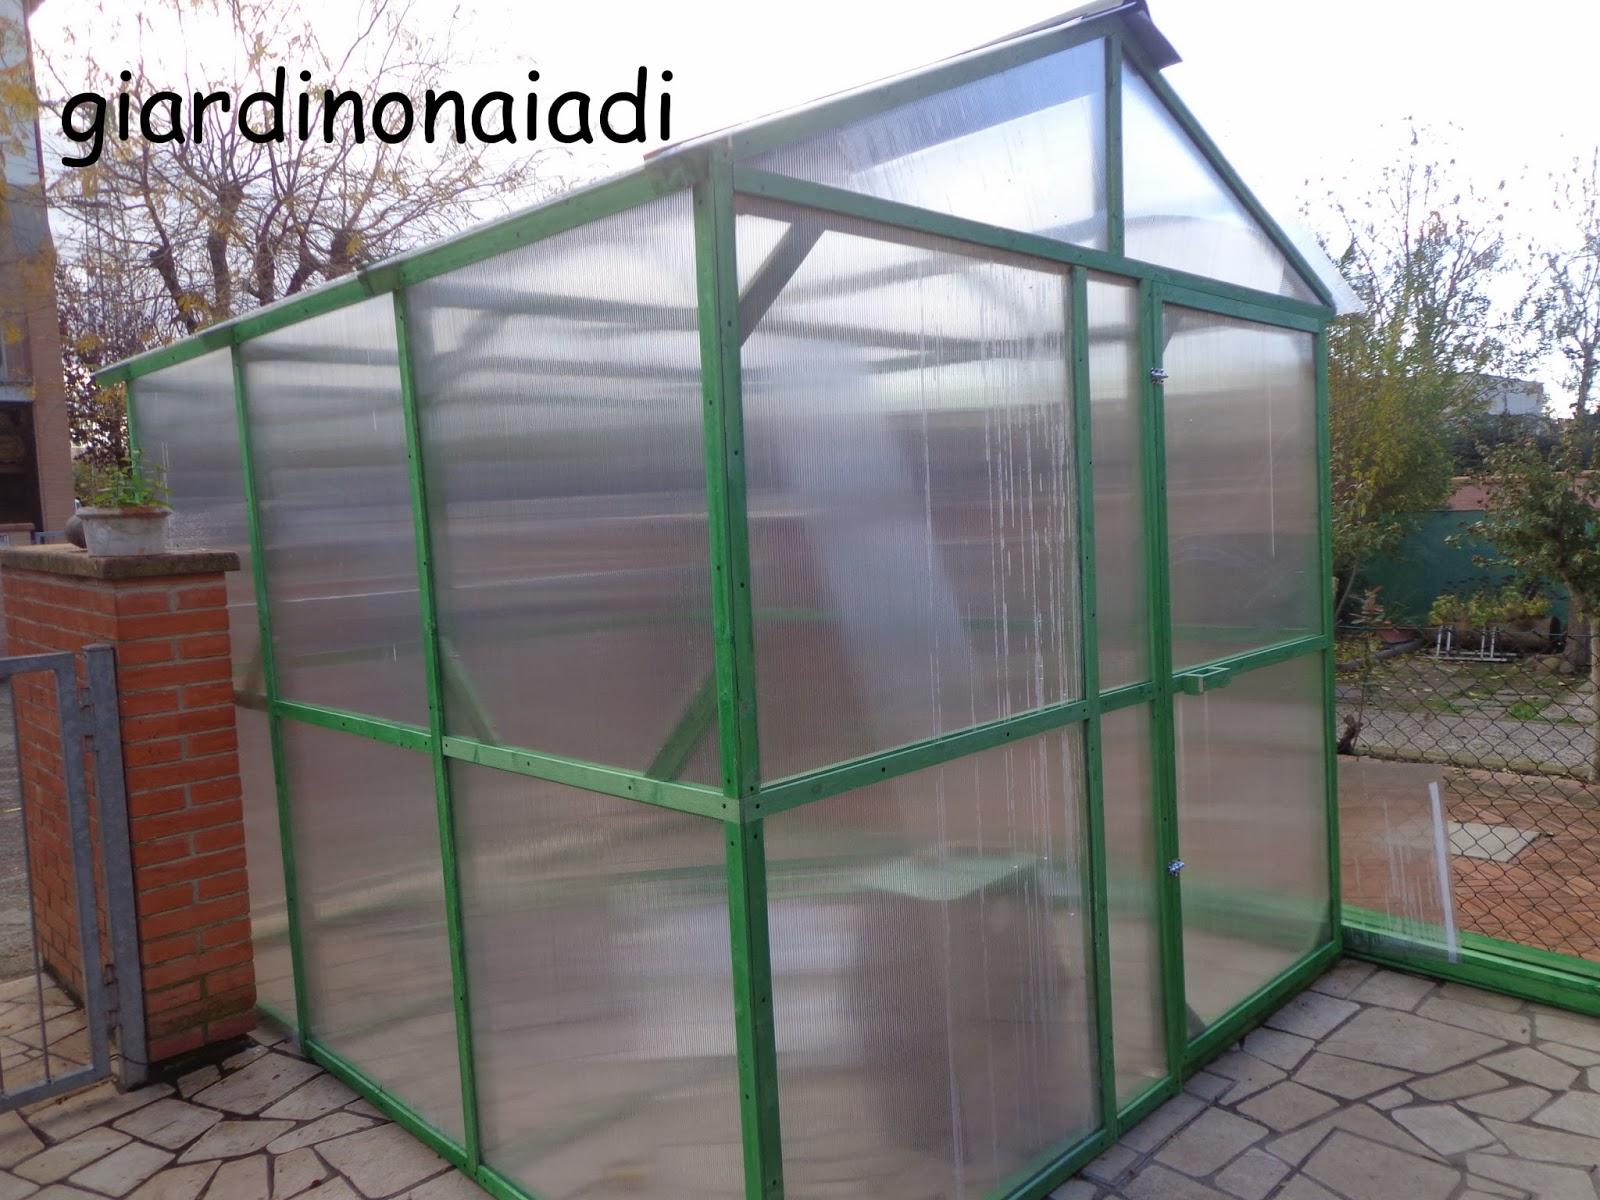 Costruire Una Mini Serra Riscaldata il giardino delle naiadi: uno specchio d'acqua al coperto